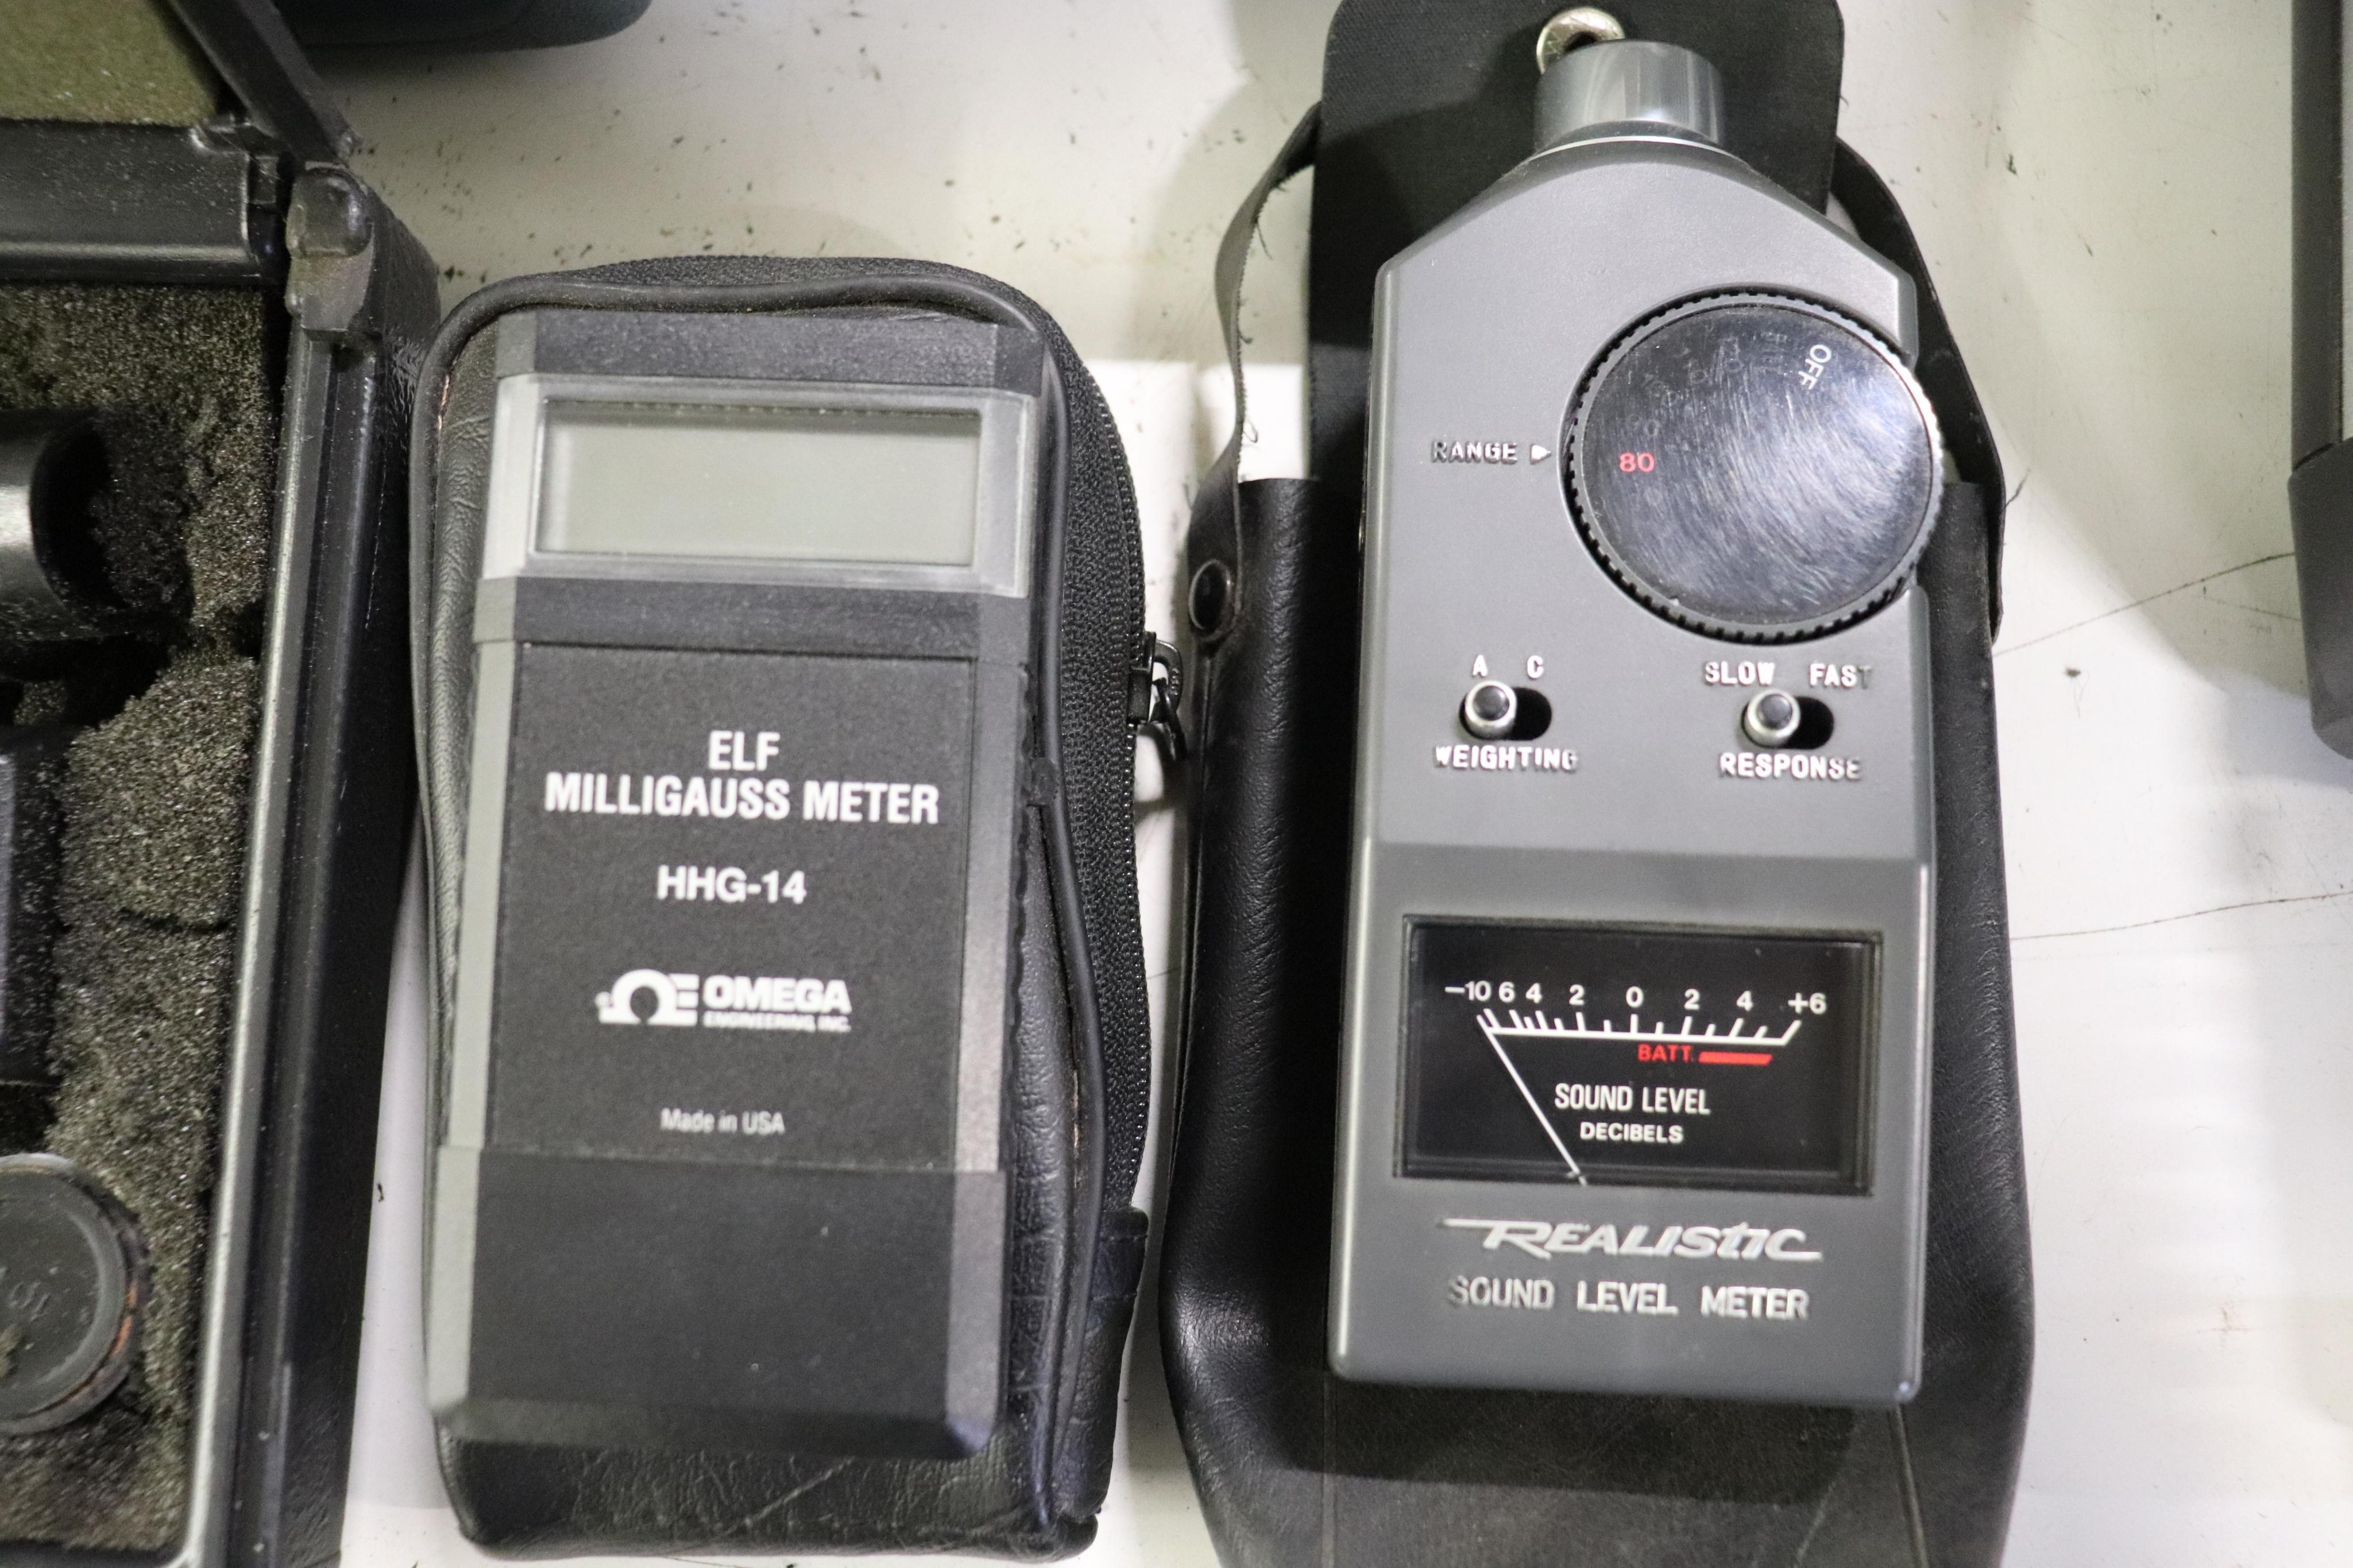 Velometer, digital Tachometer & Sound Level meter - Image 5 of 5